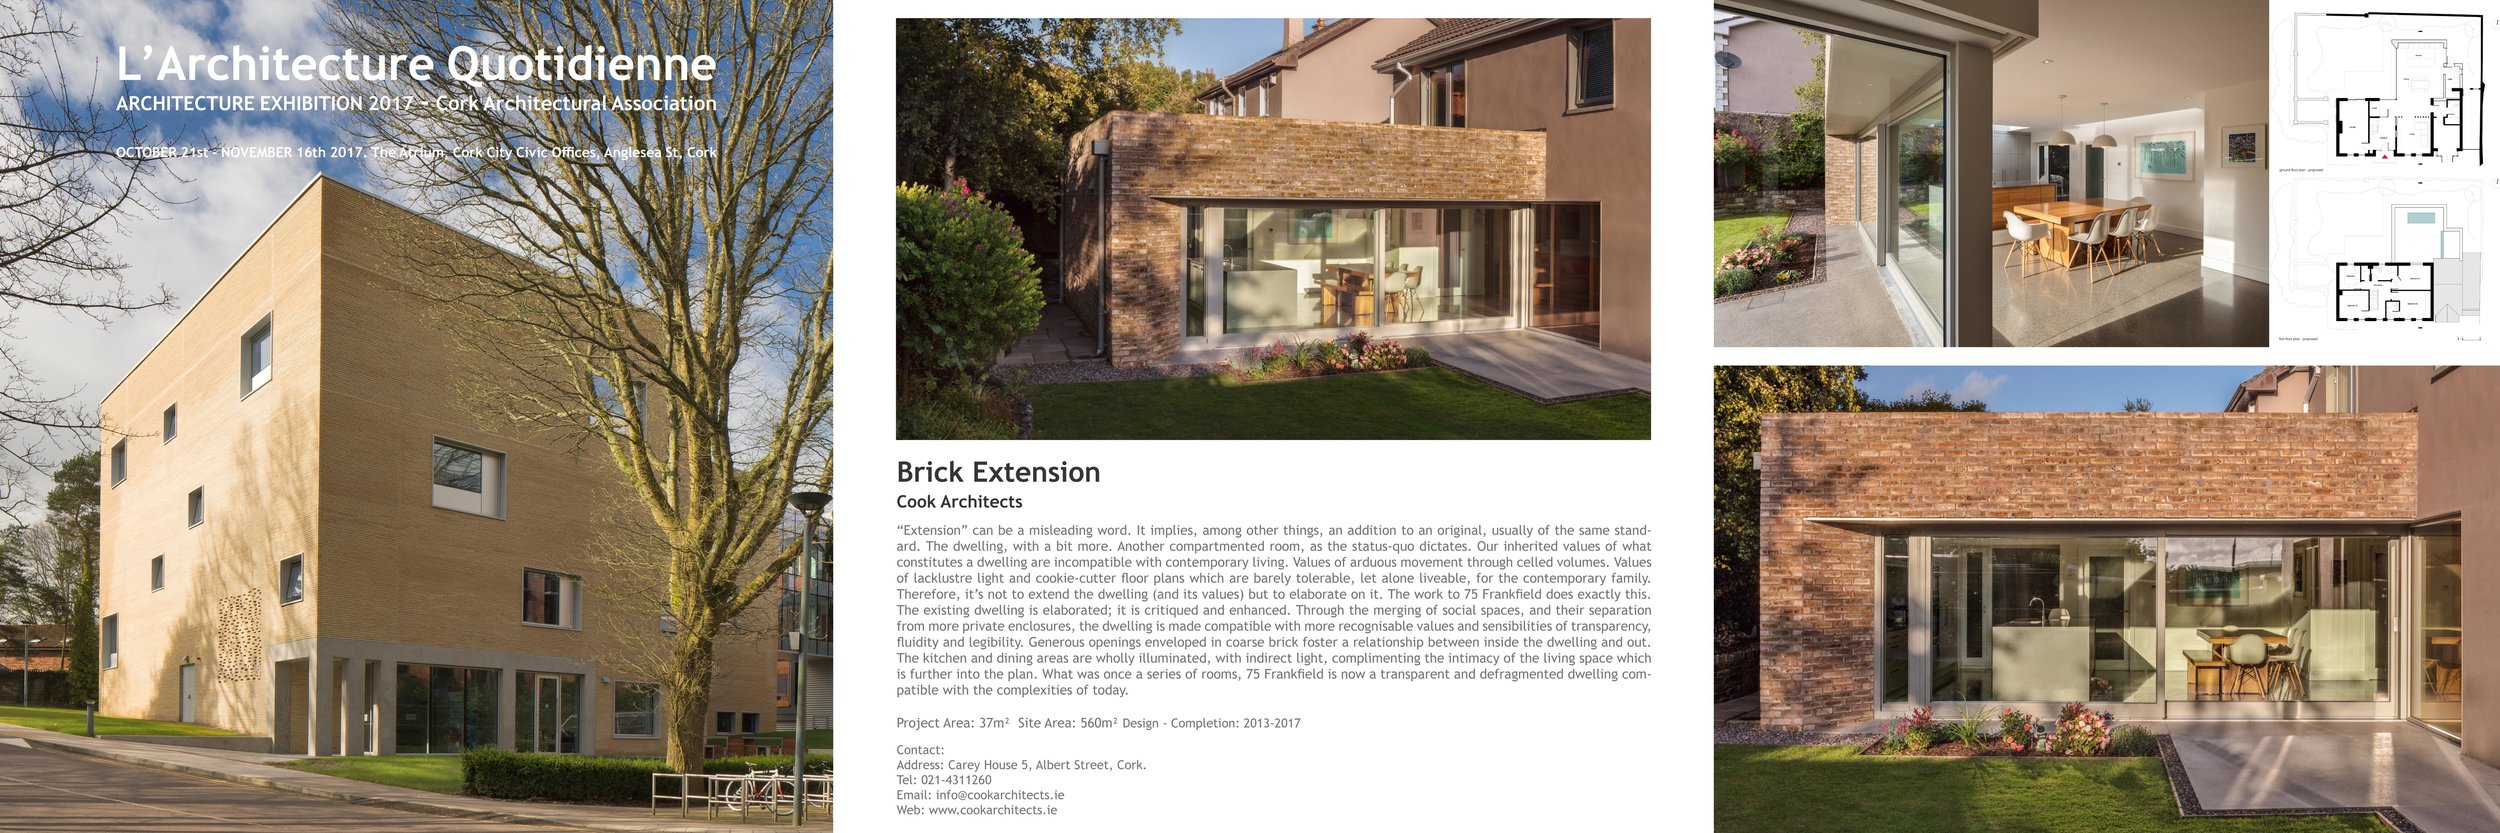 L'Architecture Quotidienne 2017 - Architecture Exhibition - Cork Architectural Association